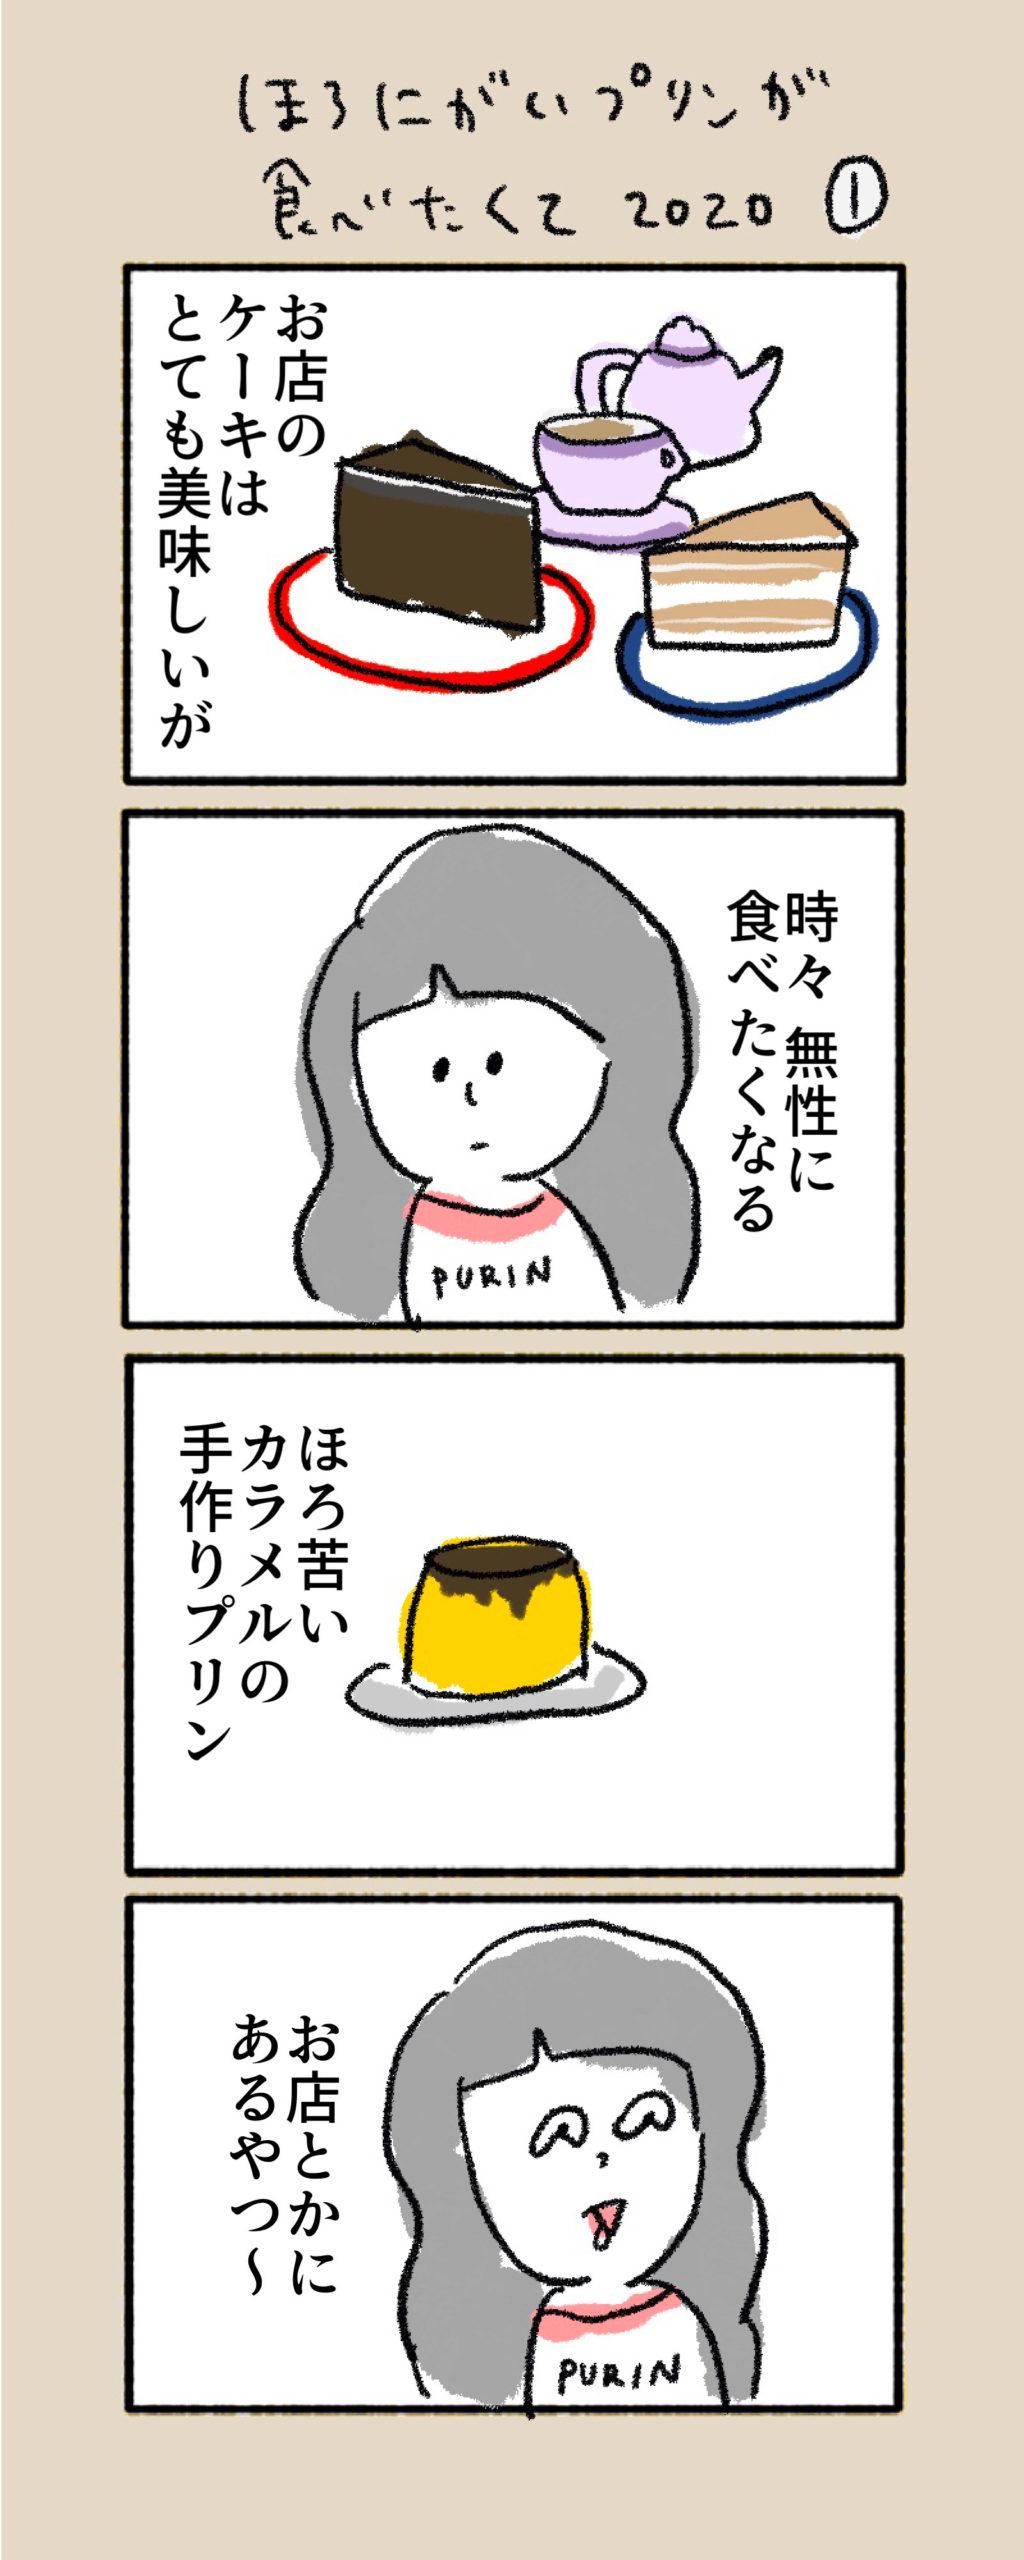 手作りプリンが食べたい イラスト 漫画